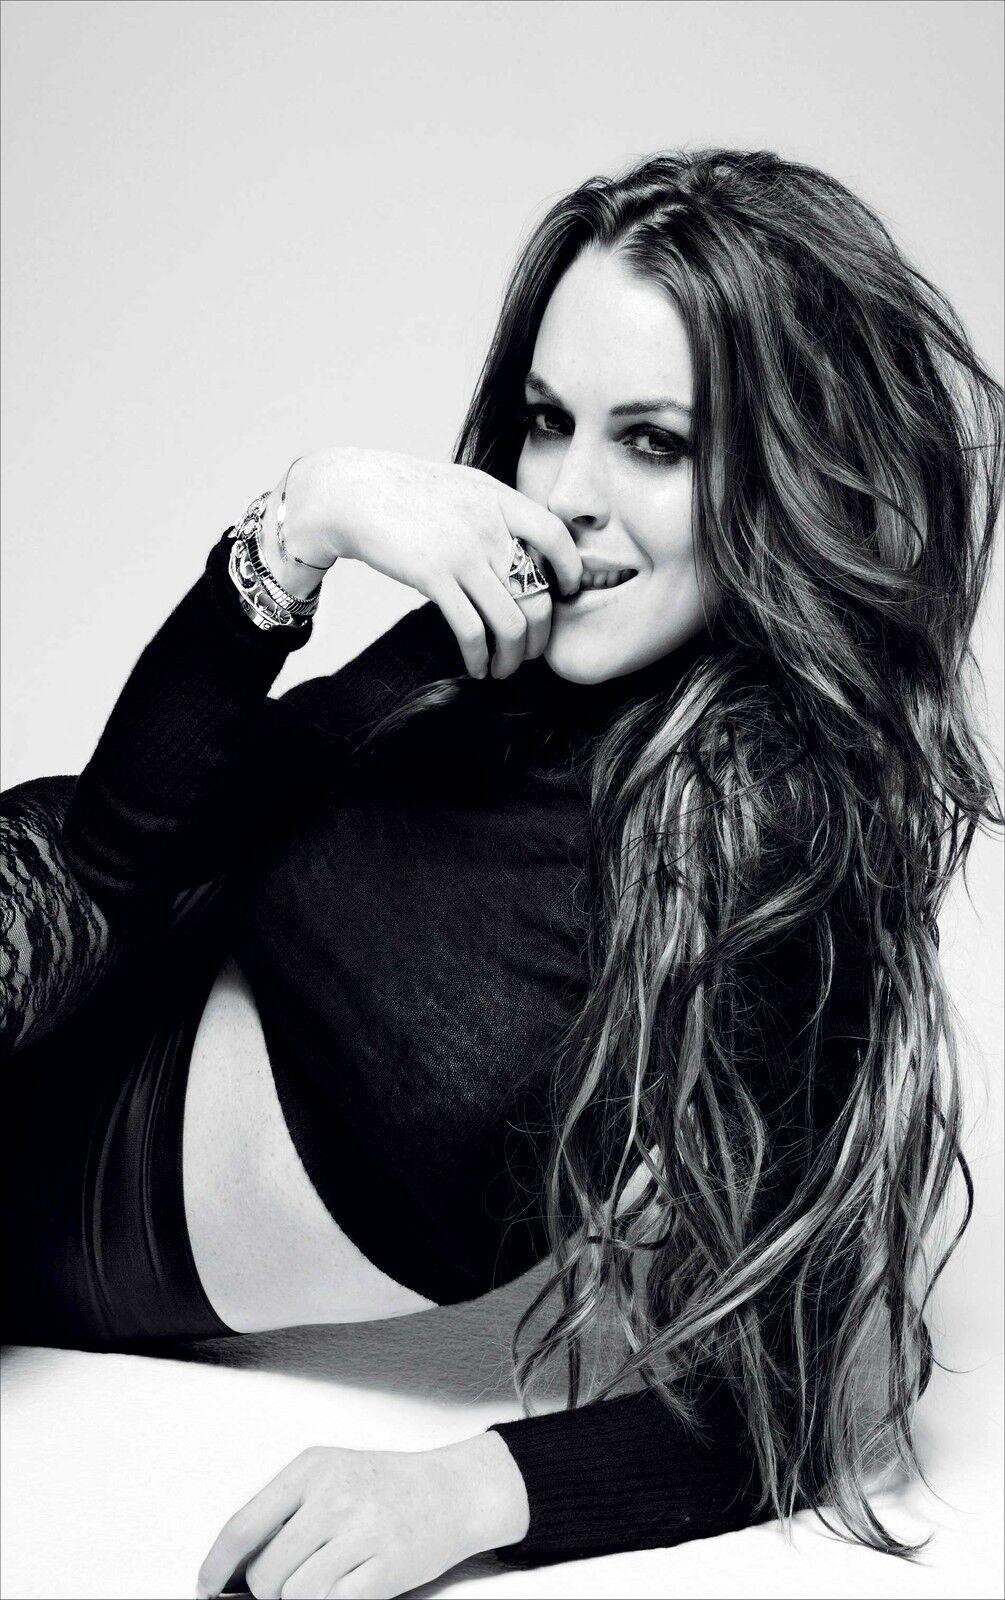 Plakat Plakat Lindsay Lohan Ref 13 13 13 (3 Größen, Papier Matt oder Papier Foto) ddcf1a